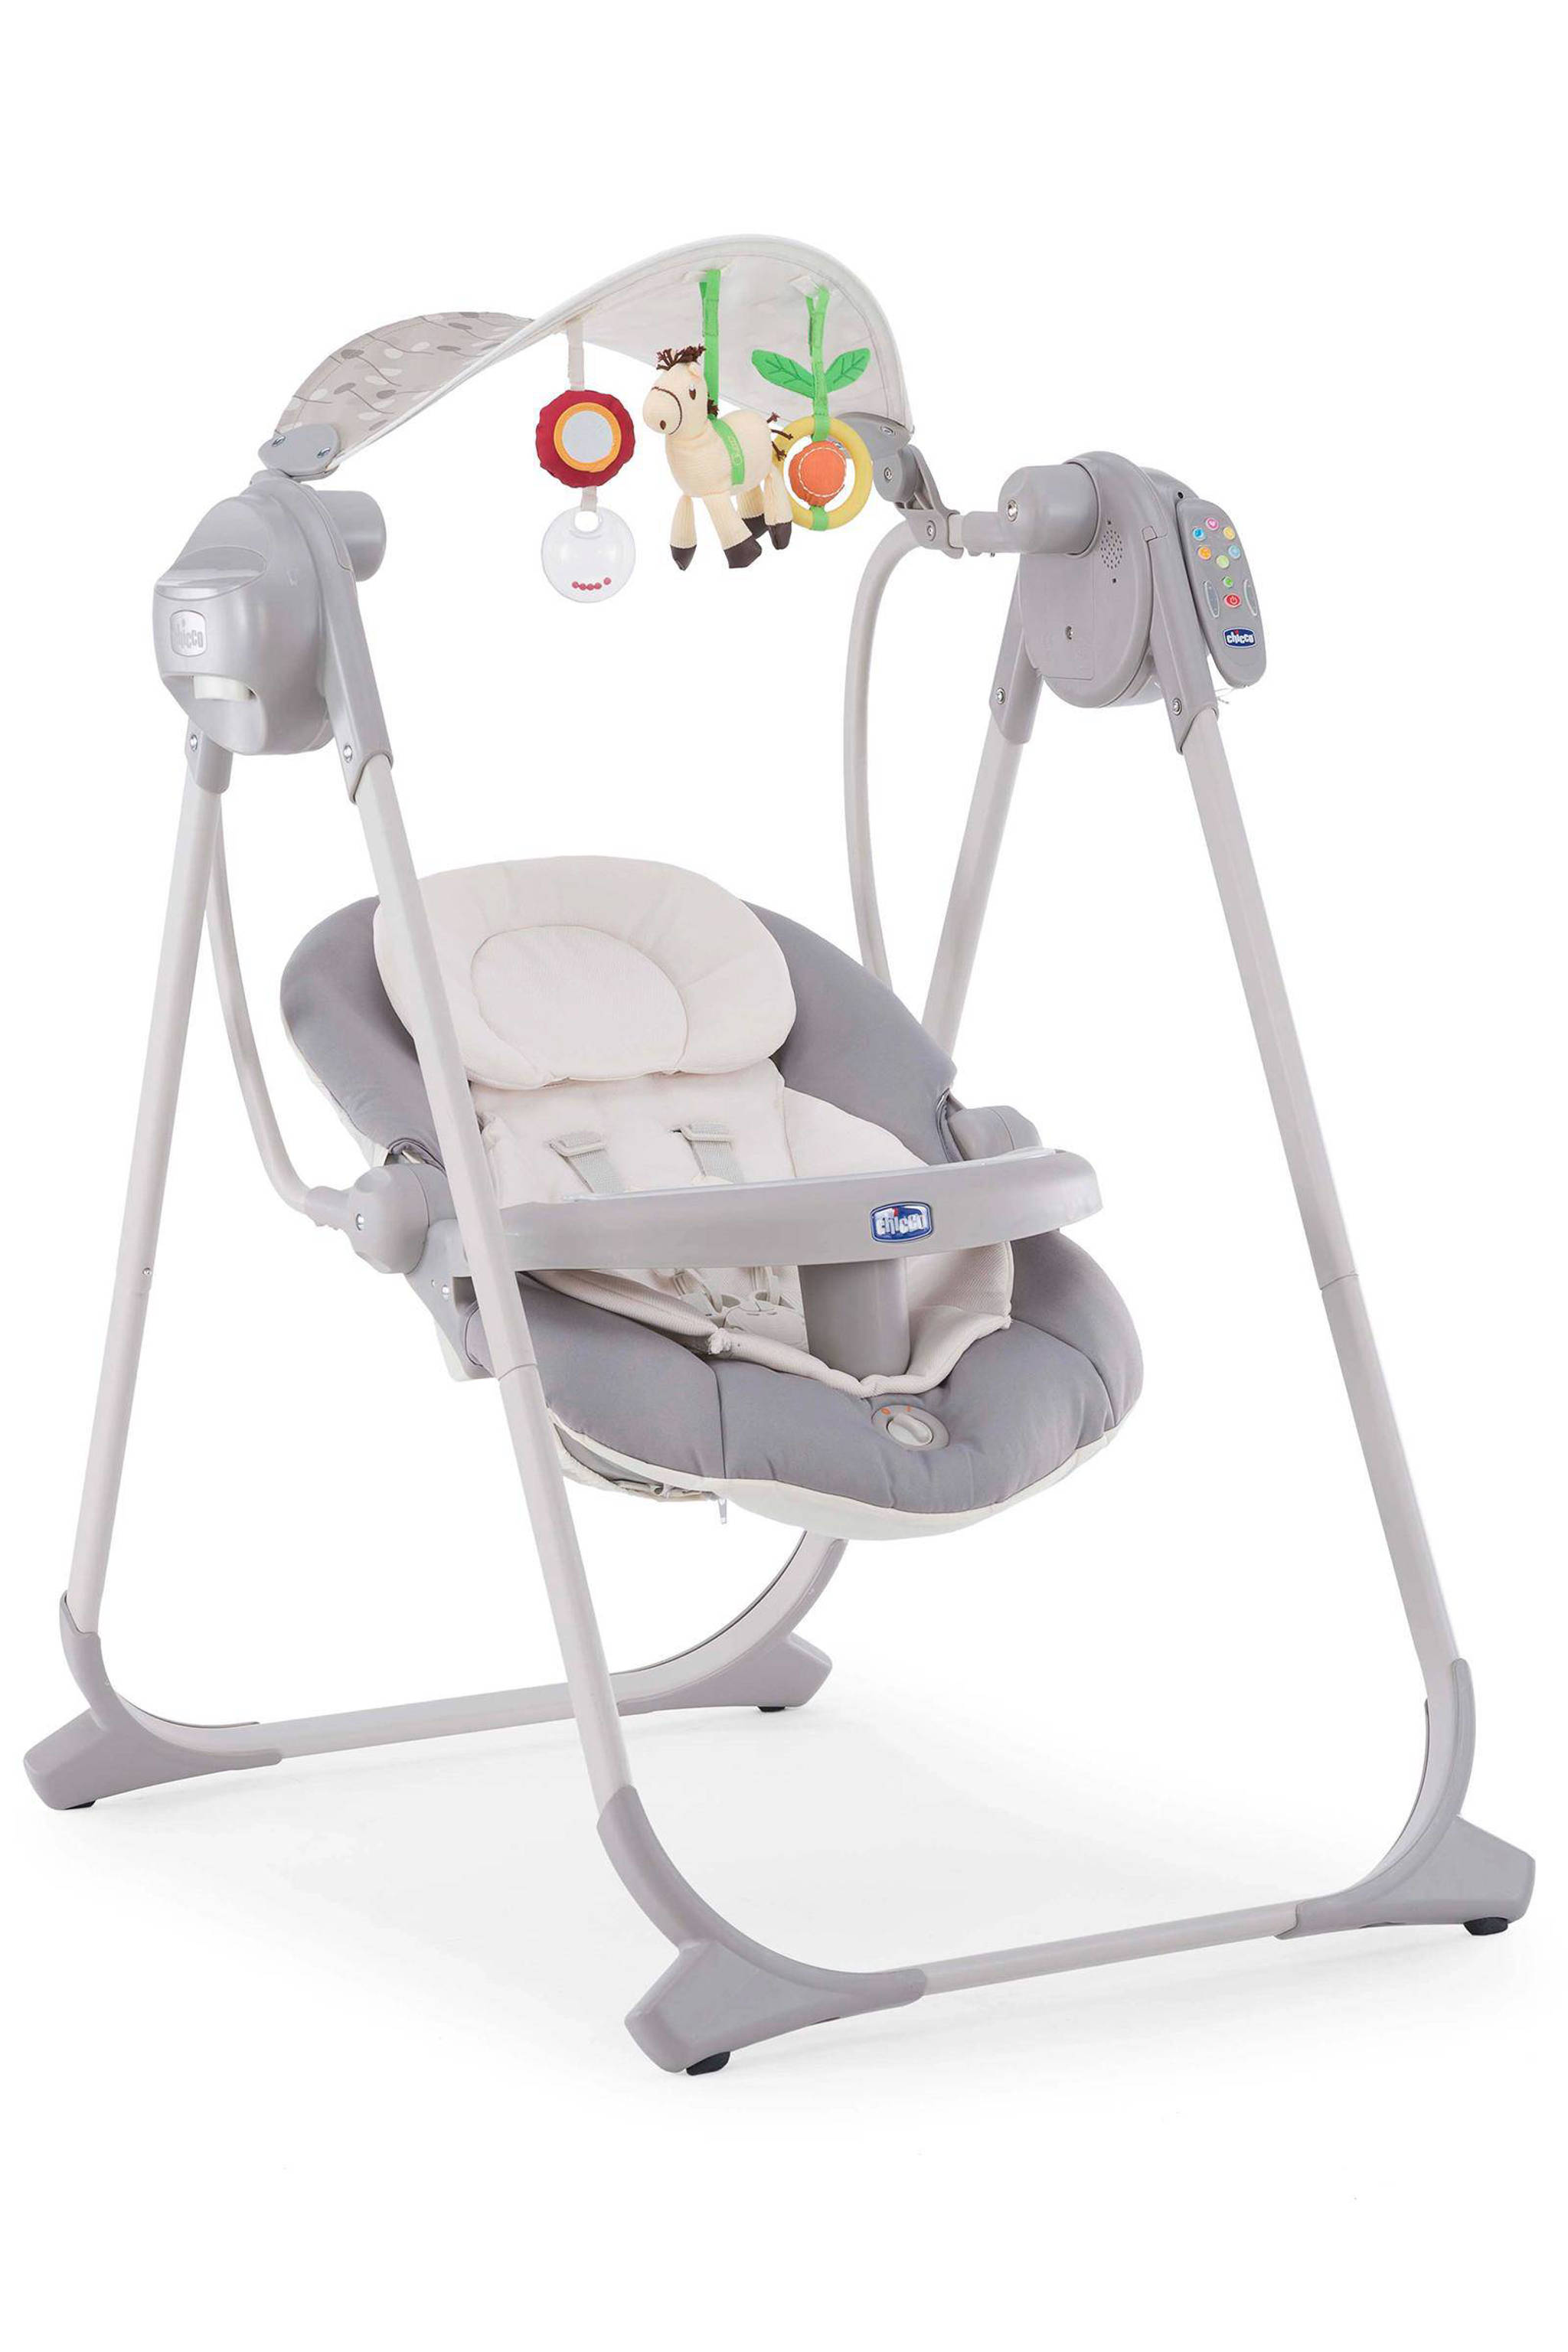 Schommelstoel Elektrisch Baby.Chicco Polly Swing Up Schommelstoel Wehkamp